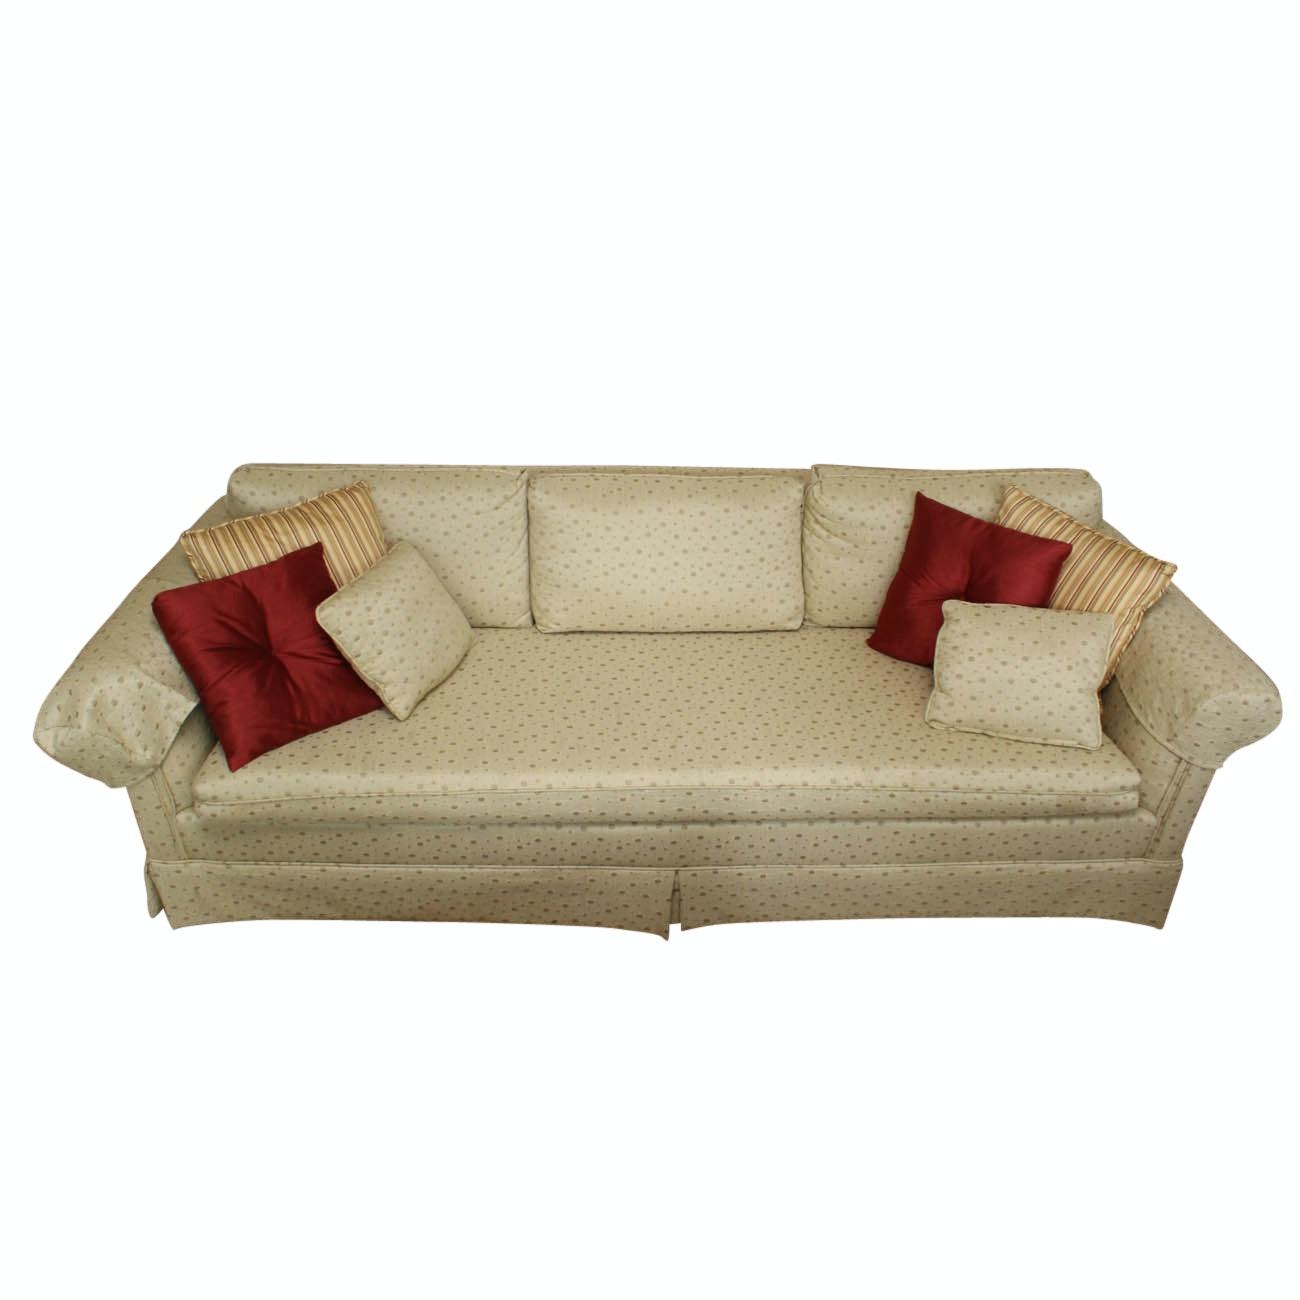 Vintage Upholstered Sofa